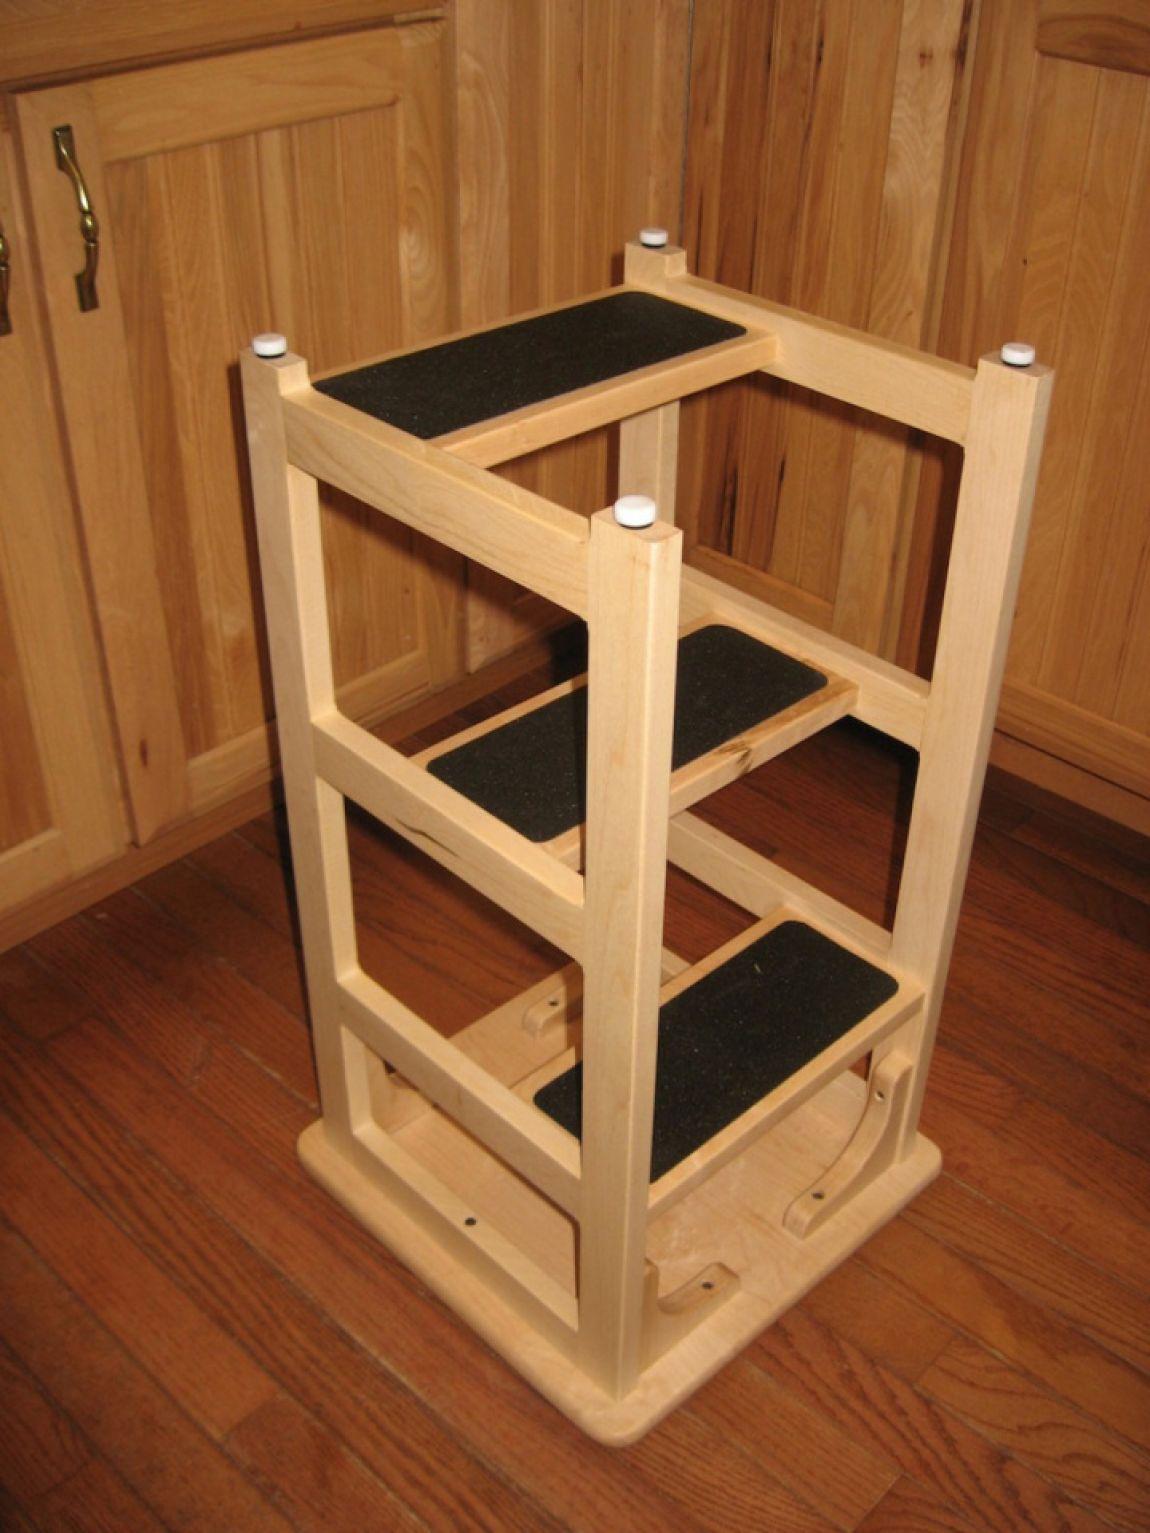 15 ideas para hacer que un espacio peque o se vea grande - Muebles doble uso ...